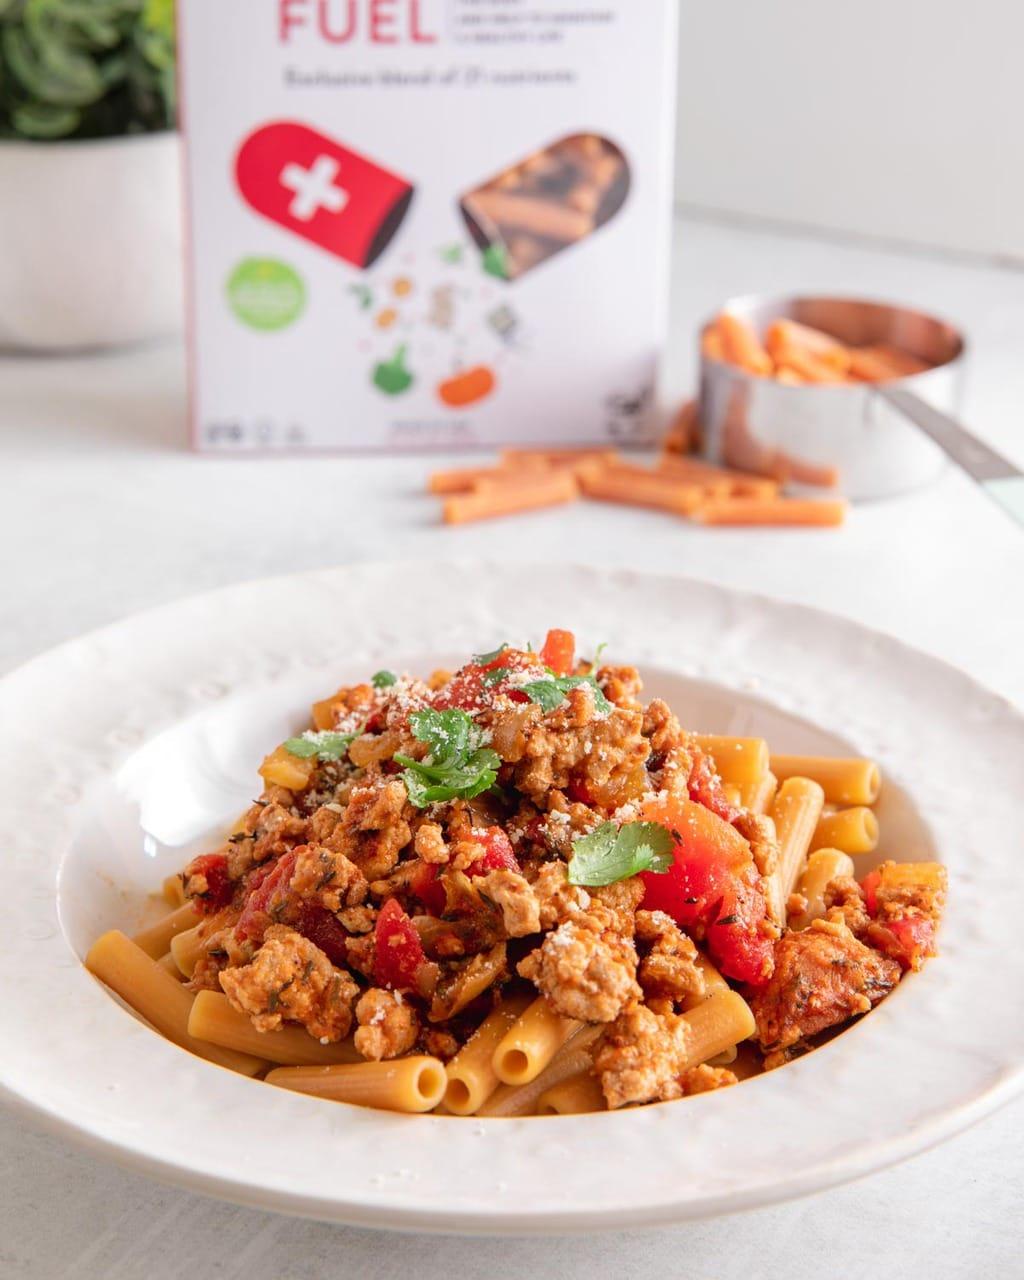 蕃茄肉醬蔬活筆管麵 -用10種蔬菜製成的減醣低卡義大利麵!無麩高纖